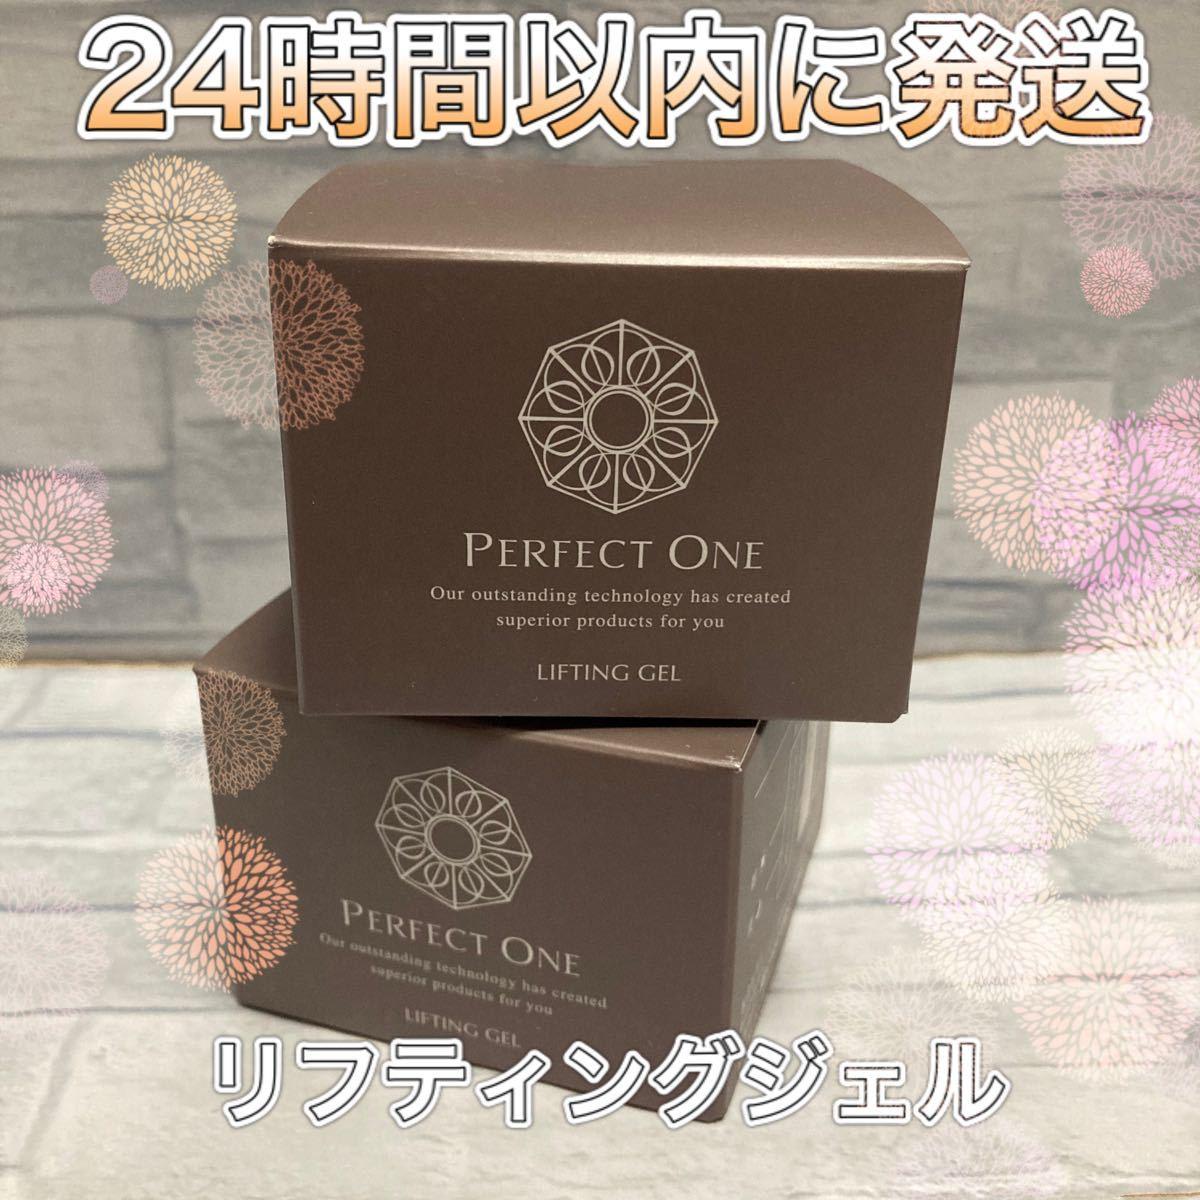 パーフェクトワン リフティングジェル 50g×2 新日本製薬